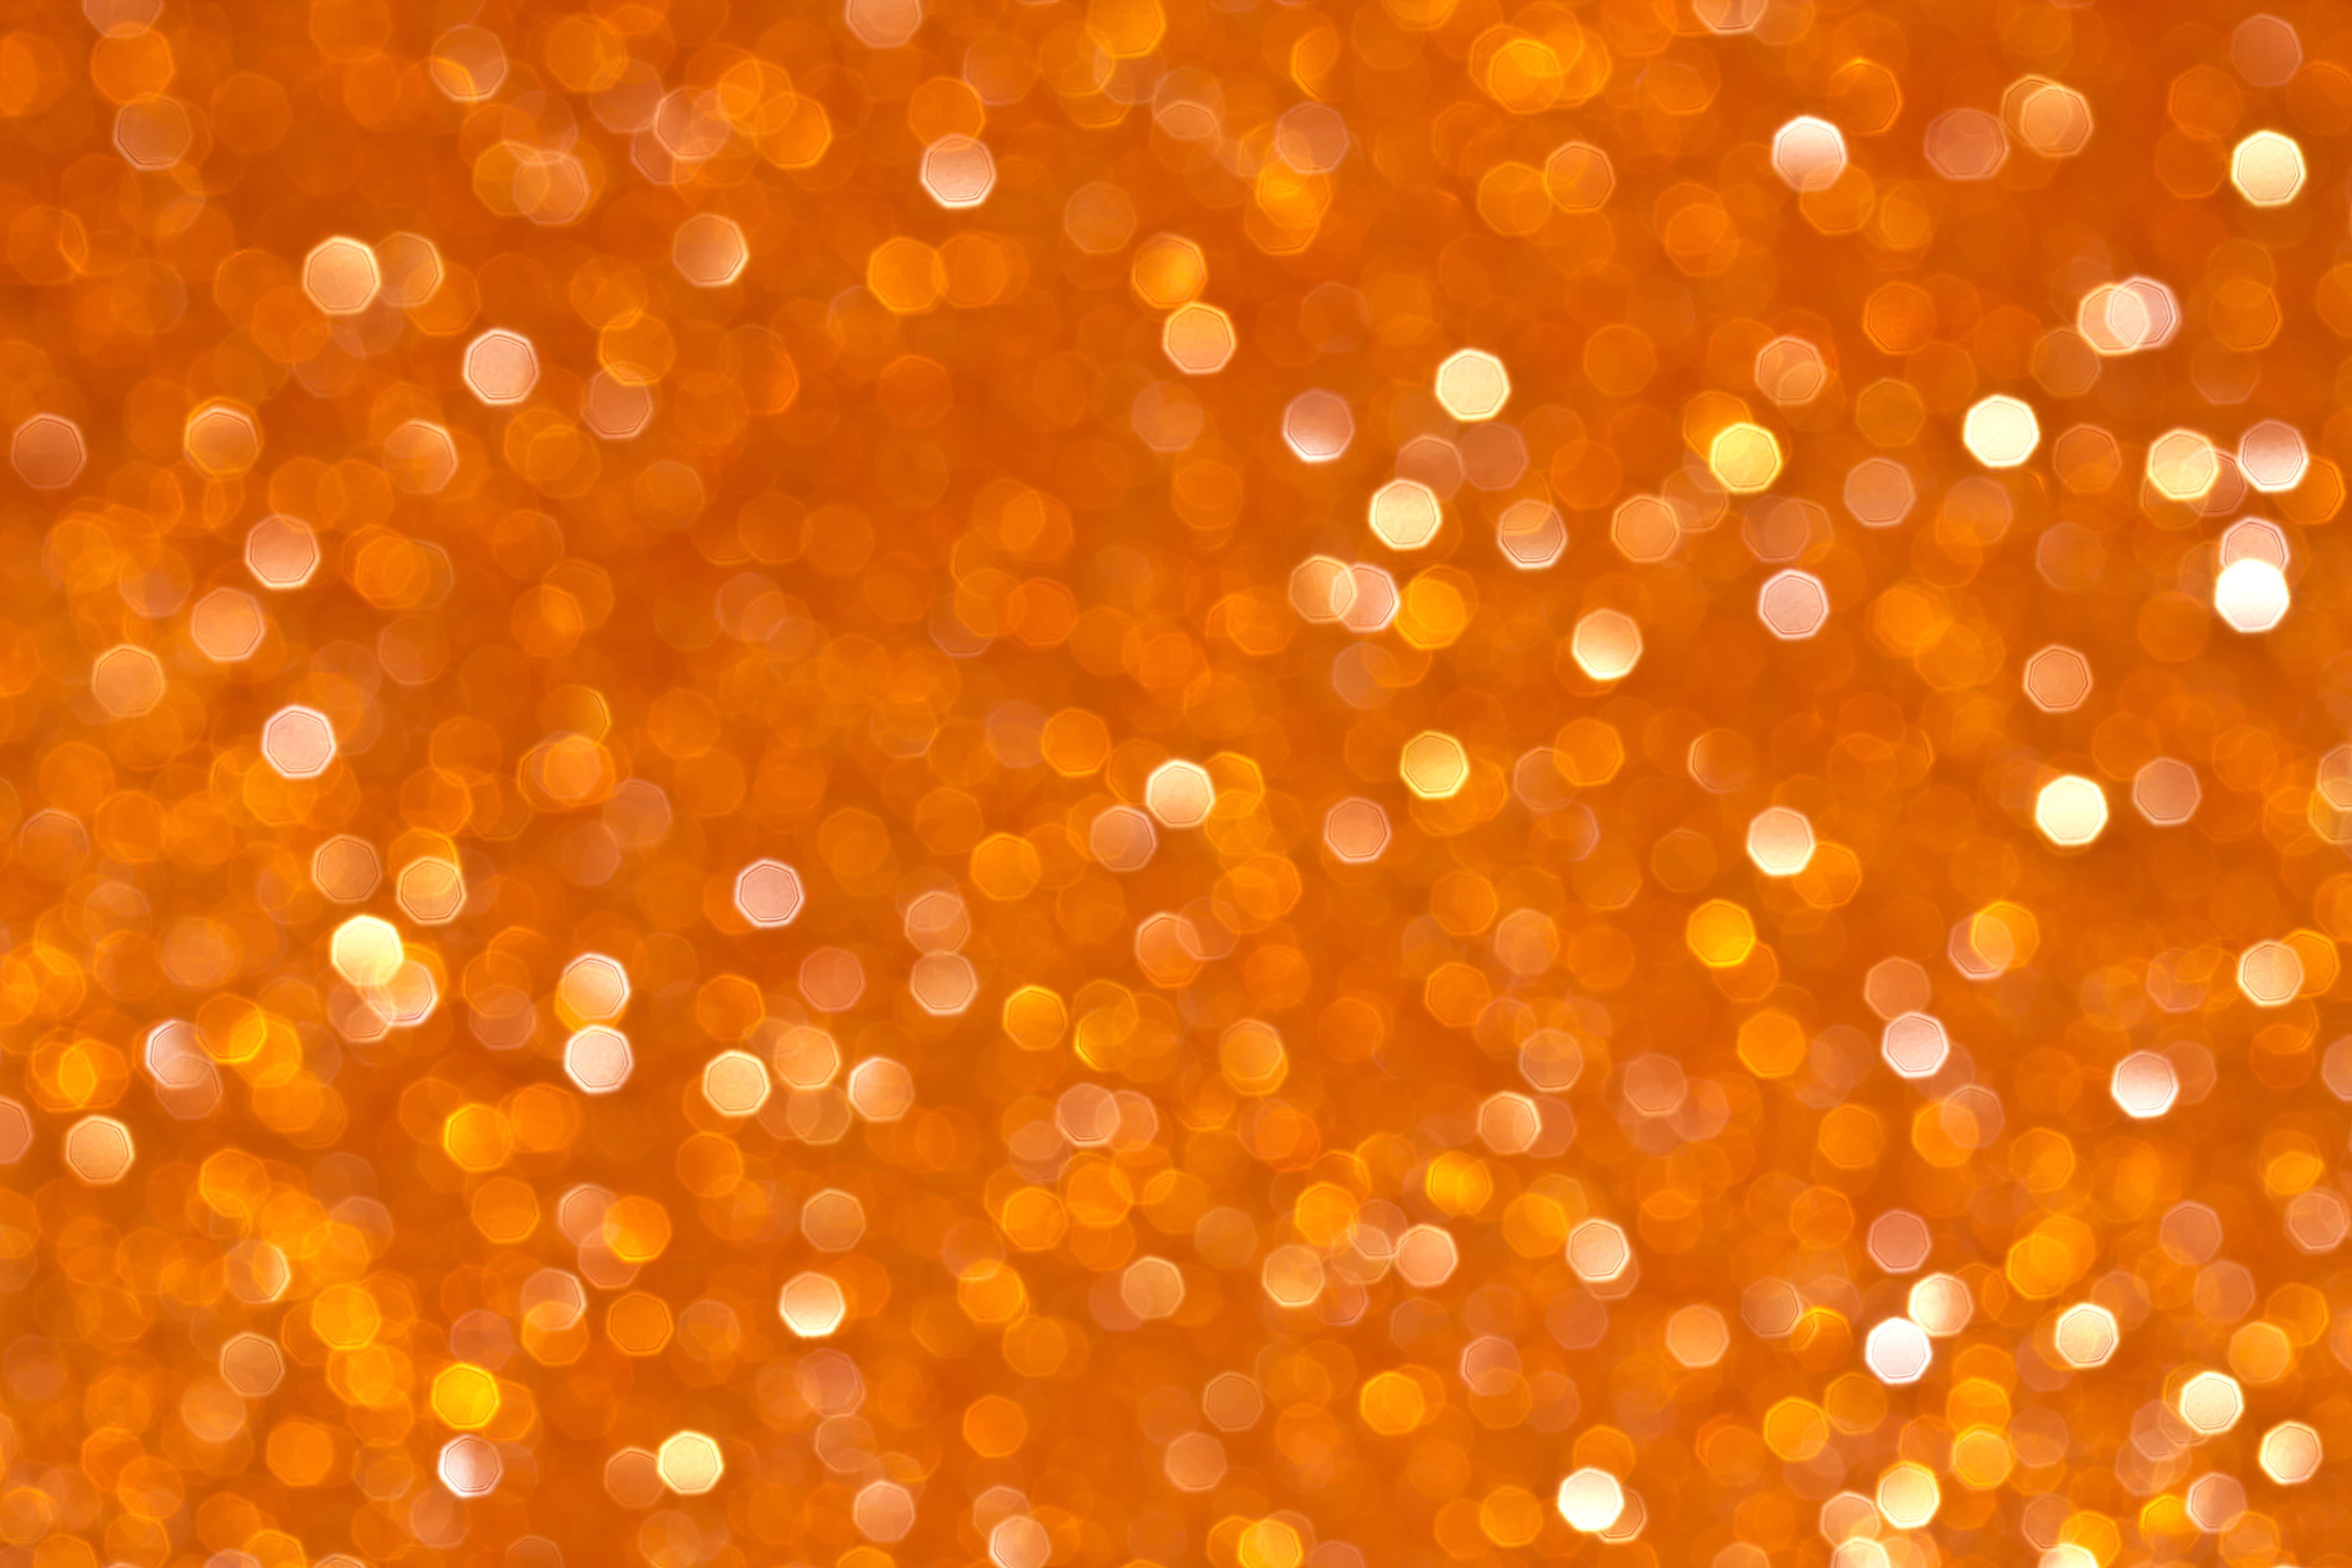 73761 скачать Оранжевые обои на телефон бесплатно, Блики, Текстуры, Блеск, Оранжевый, Боке Оранжевые картинки и заставки на мобильный